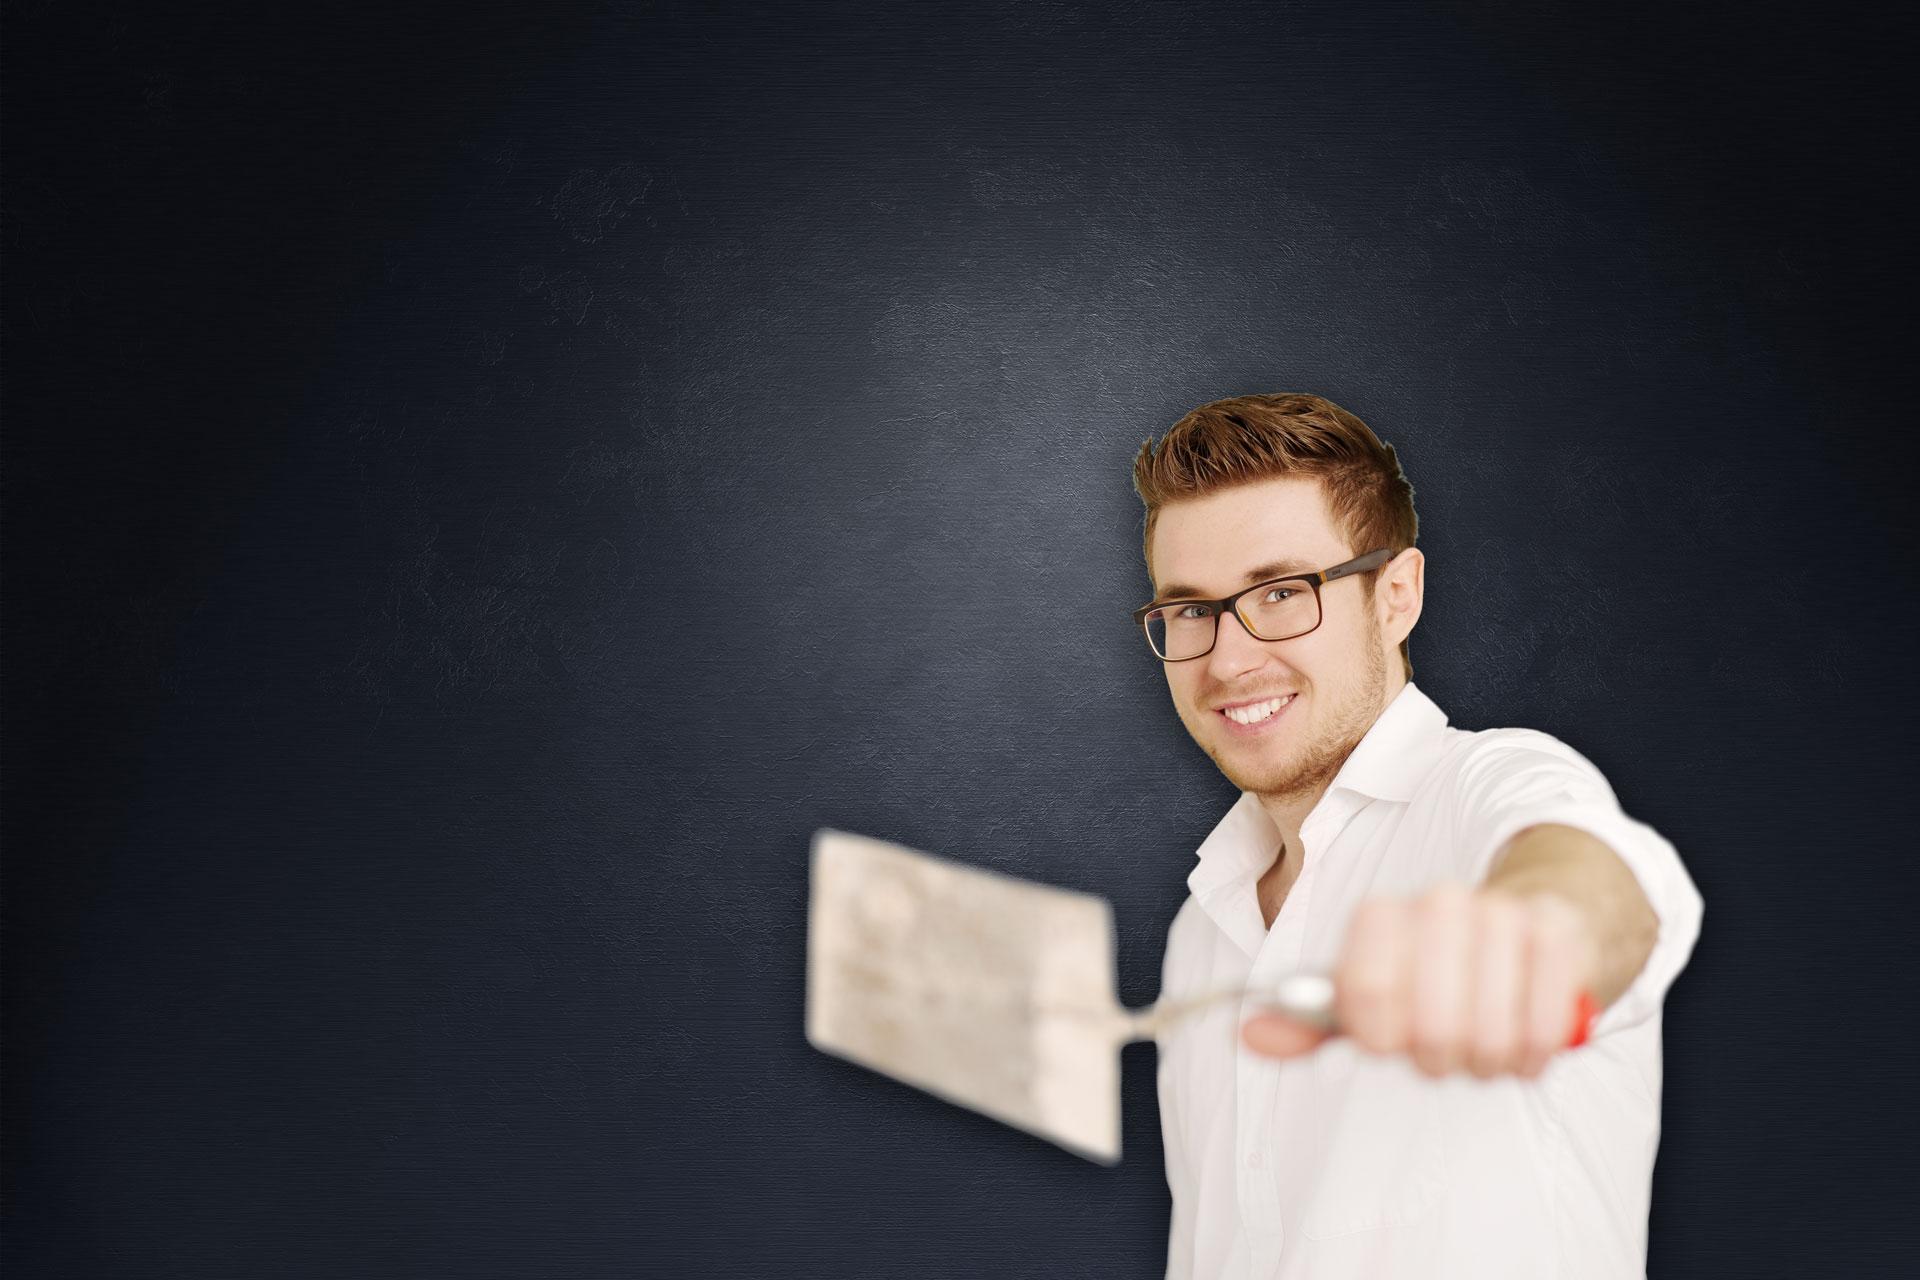 Fliesenleger Michael Neubauer mit Kelle